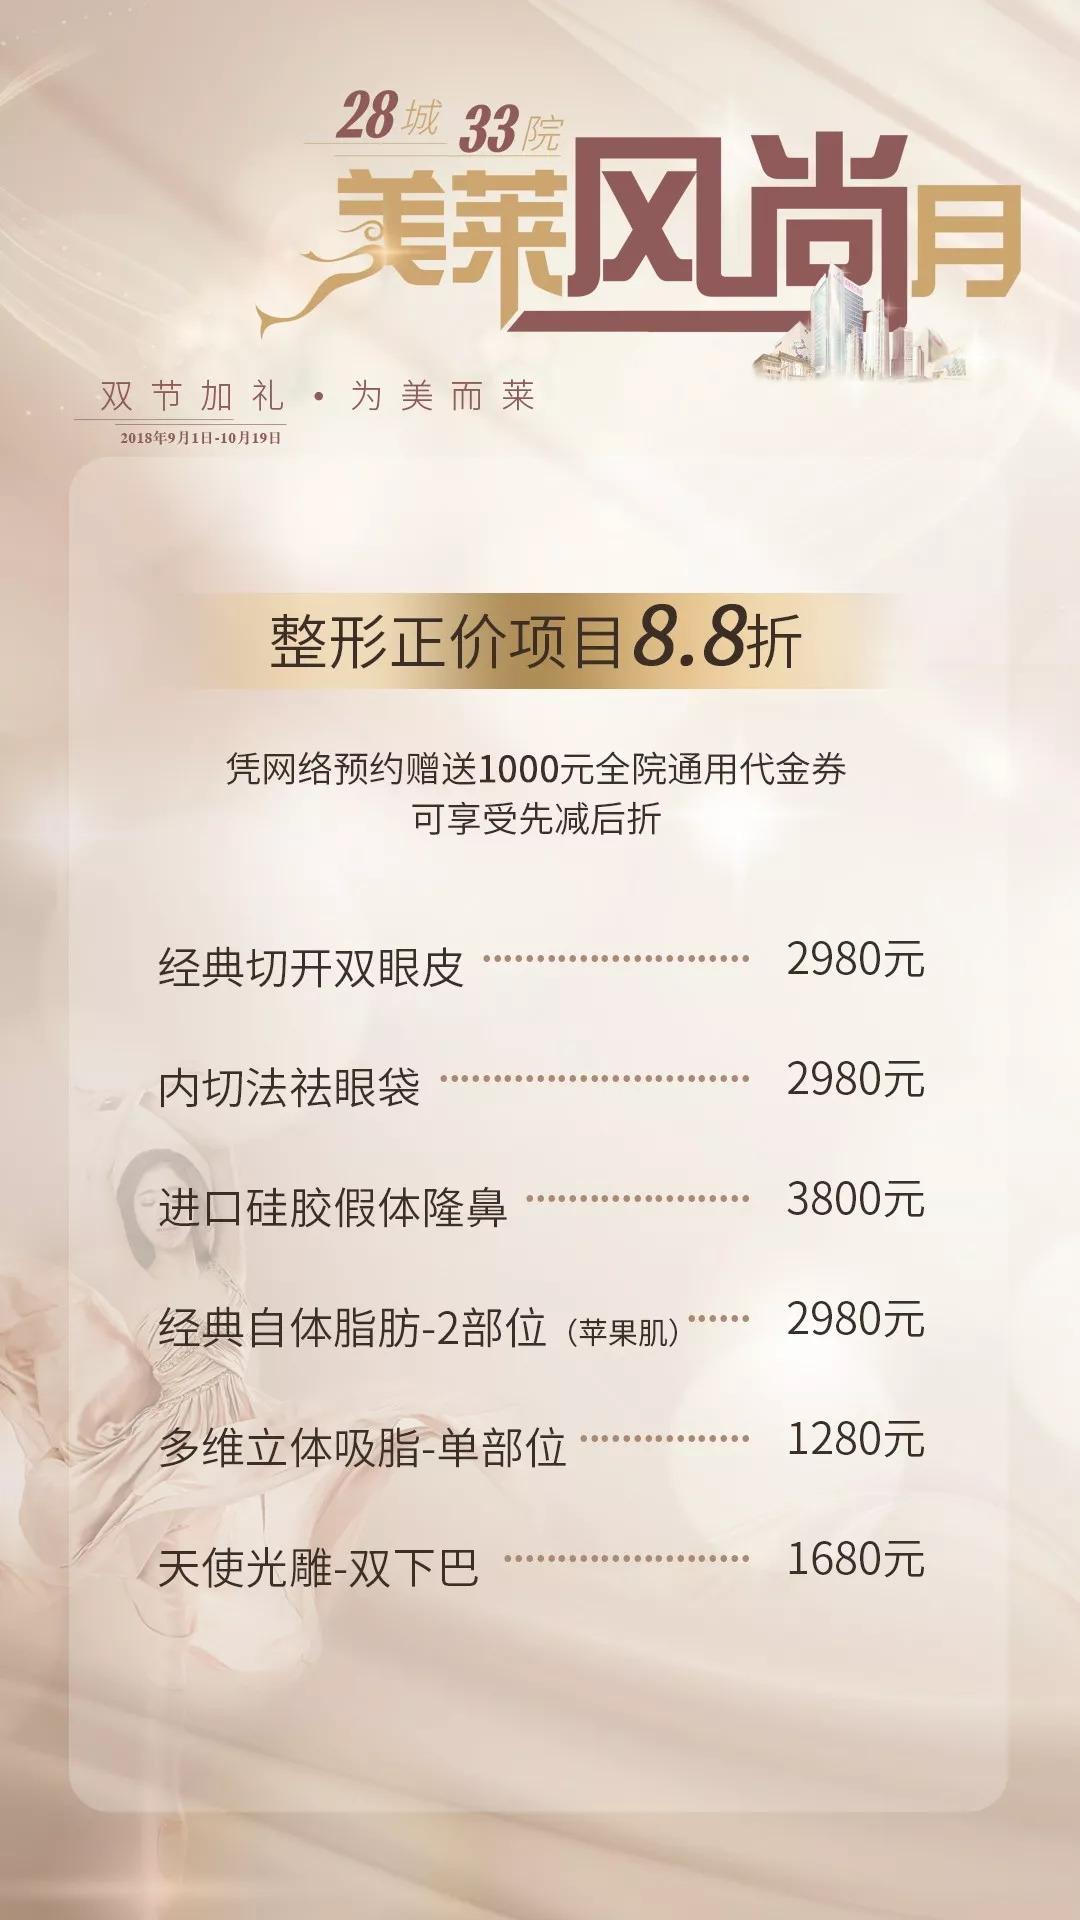 上海美莱祛眼袋|做一个越活越年轻的养眼小仙女!